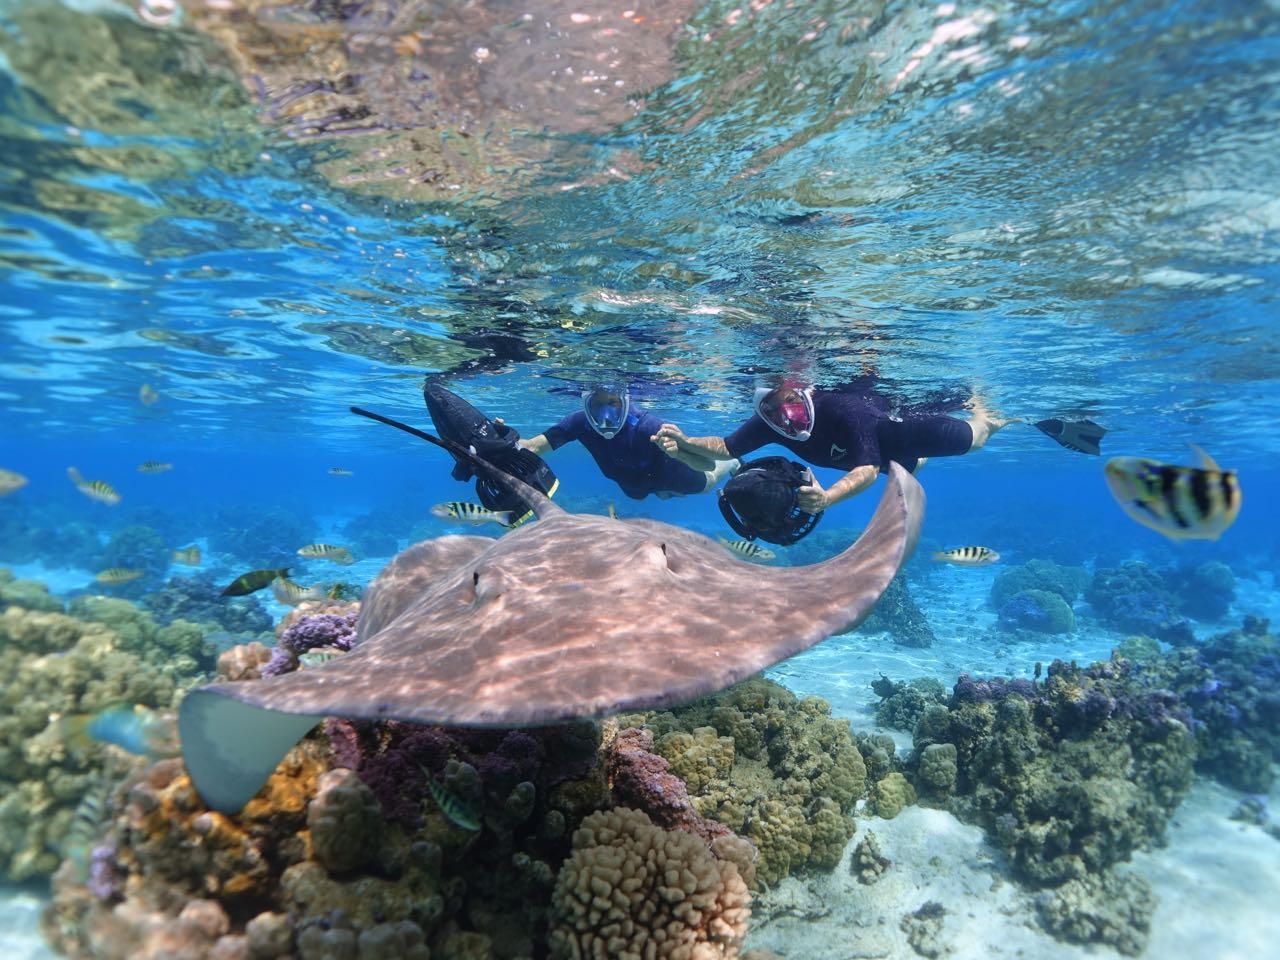 https://tahititourisme.com/wp-content/uploads/2020/09/Sea-Scooter-Snorkeling-Tour-à-moorea-copie-2.jpg